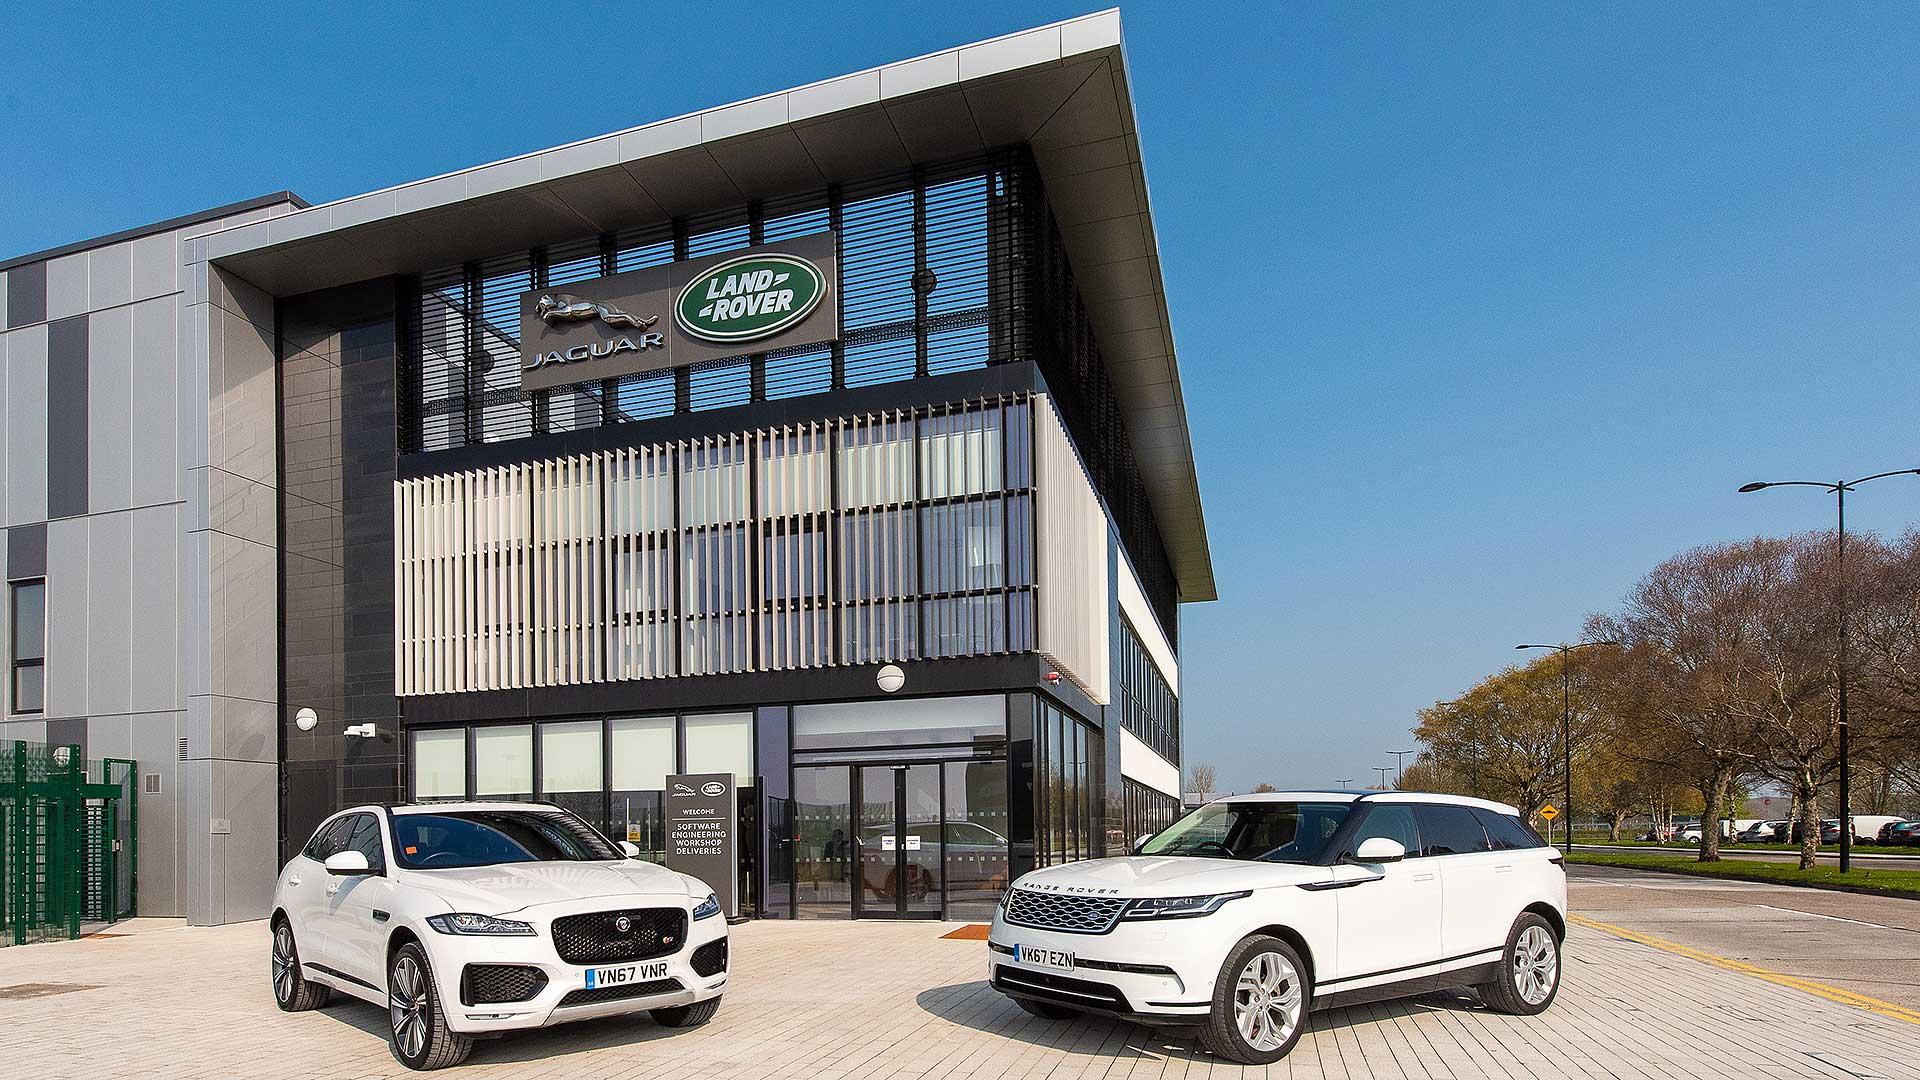 Jaguar Land Rover Shannon